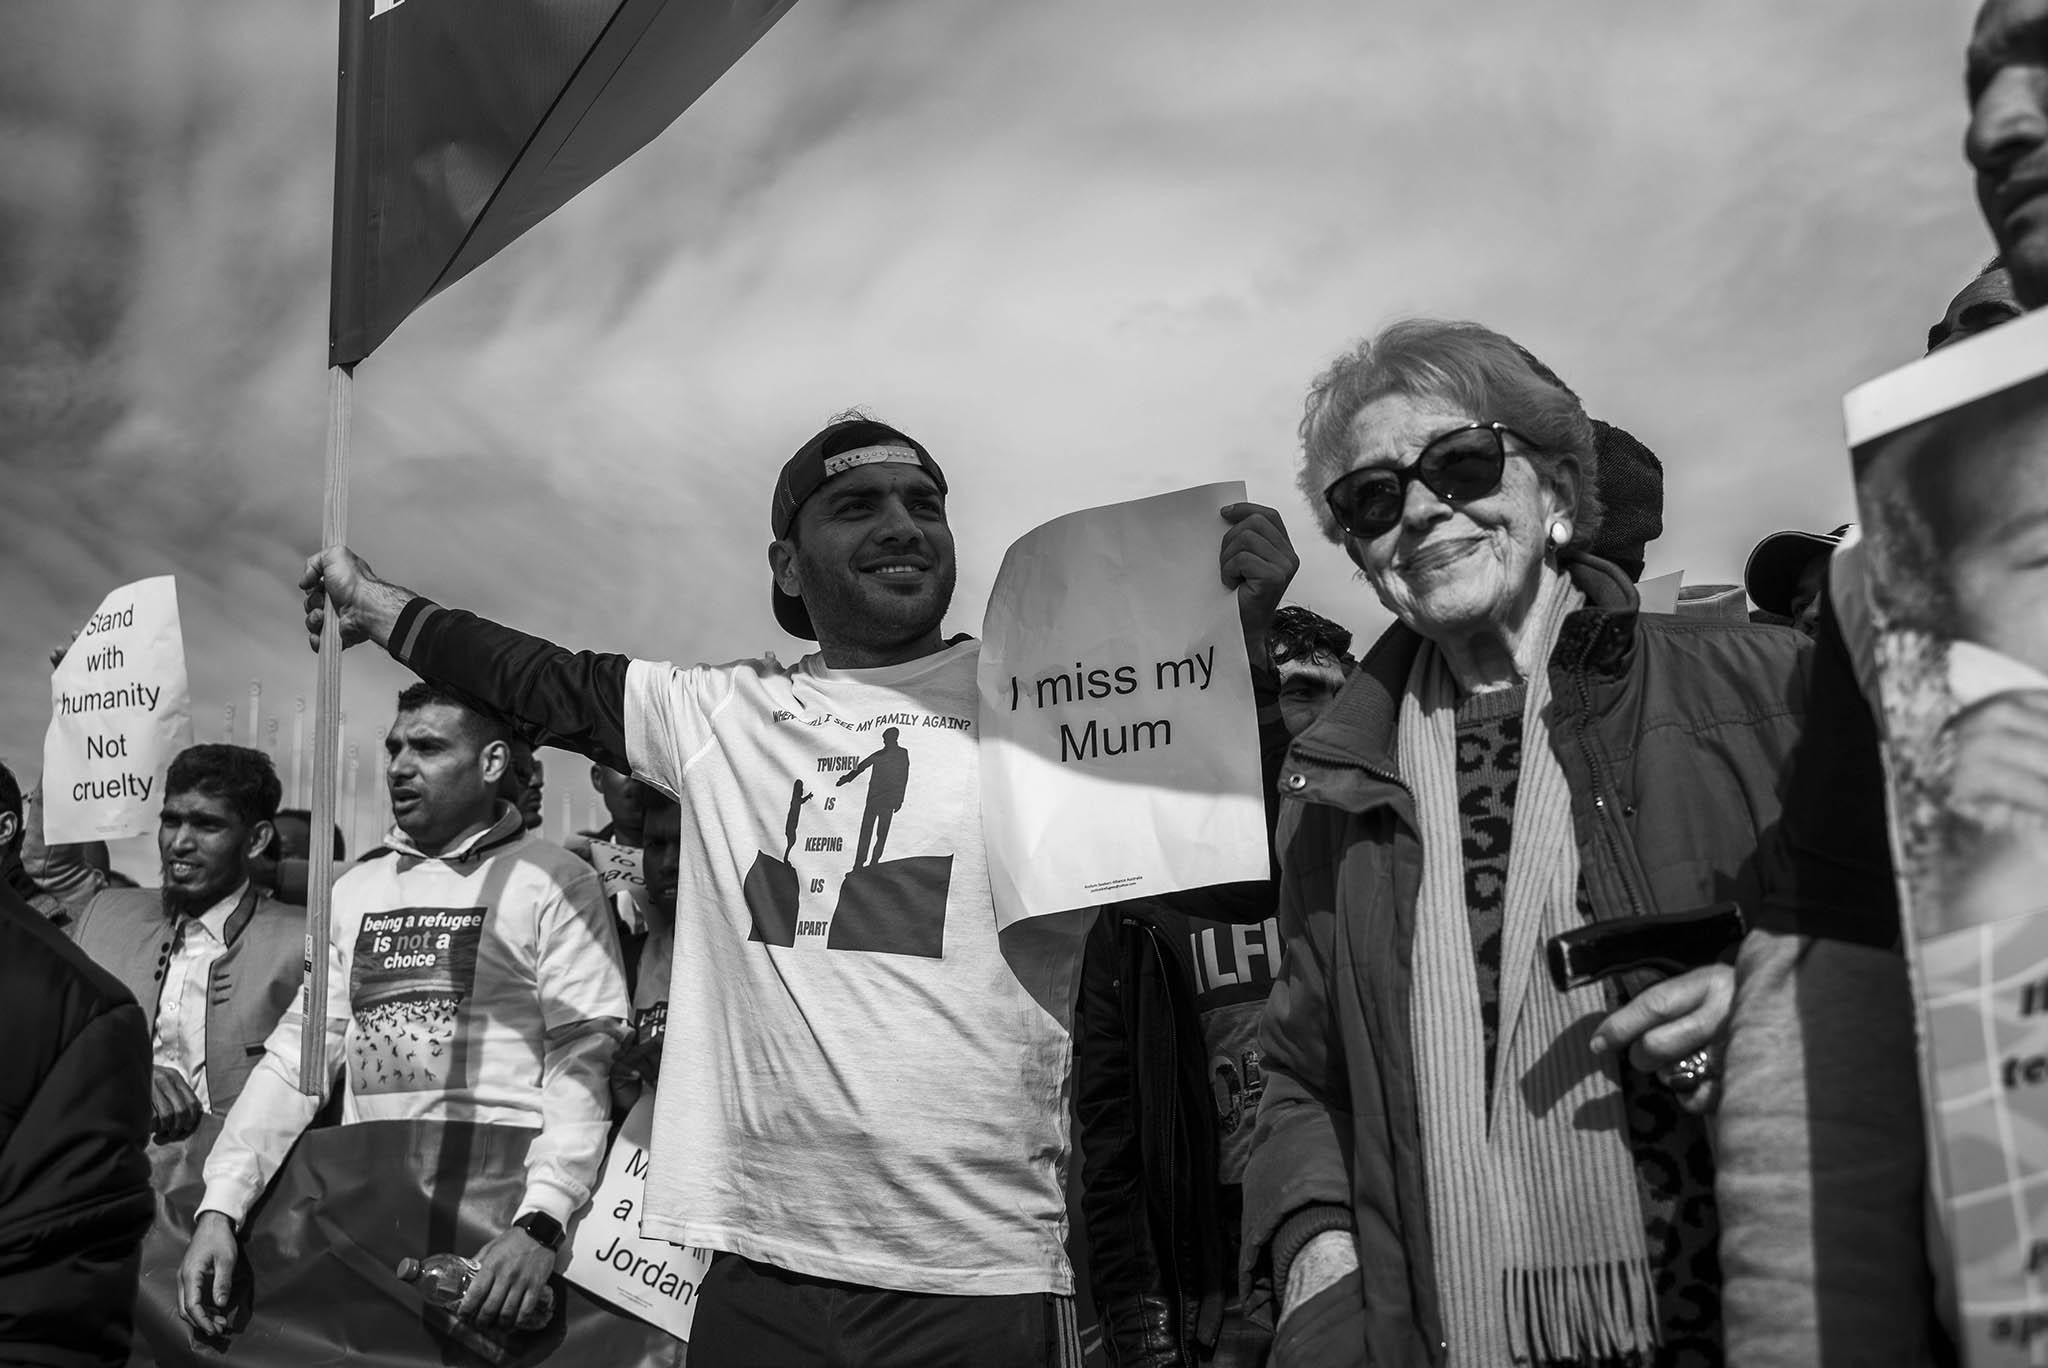 20190729_Refugee_Protest_0501.jpg